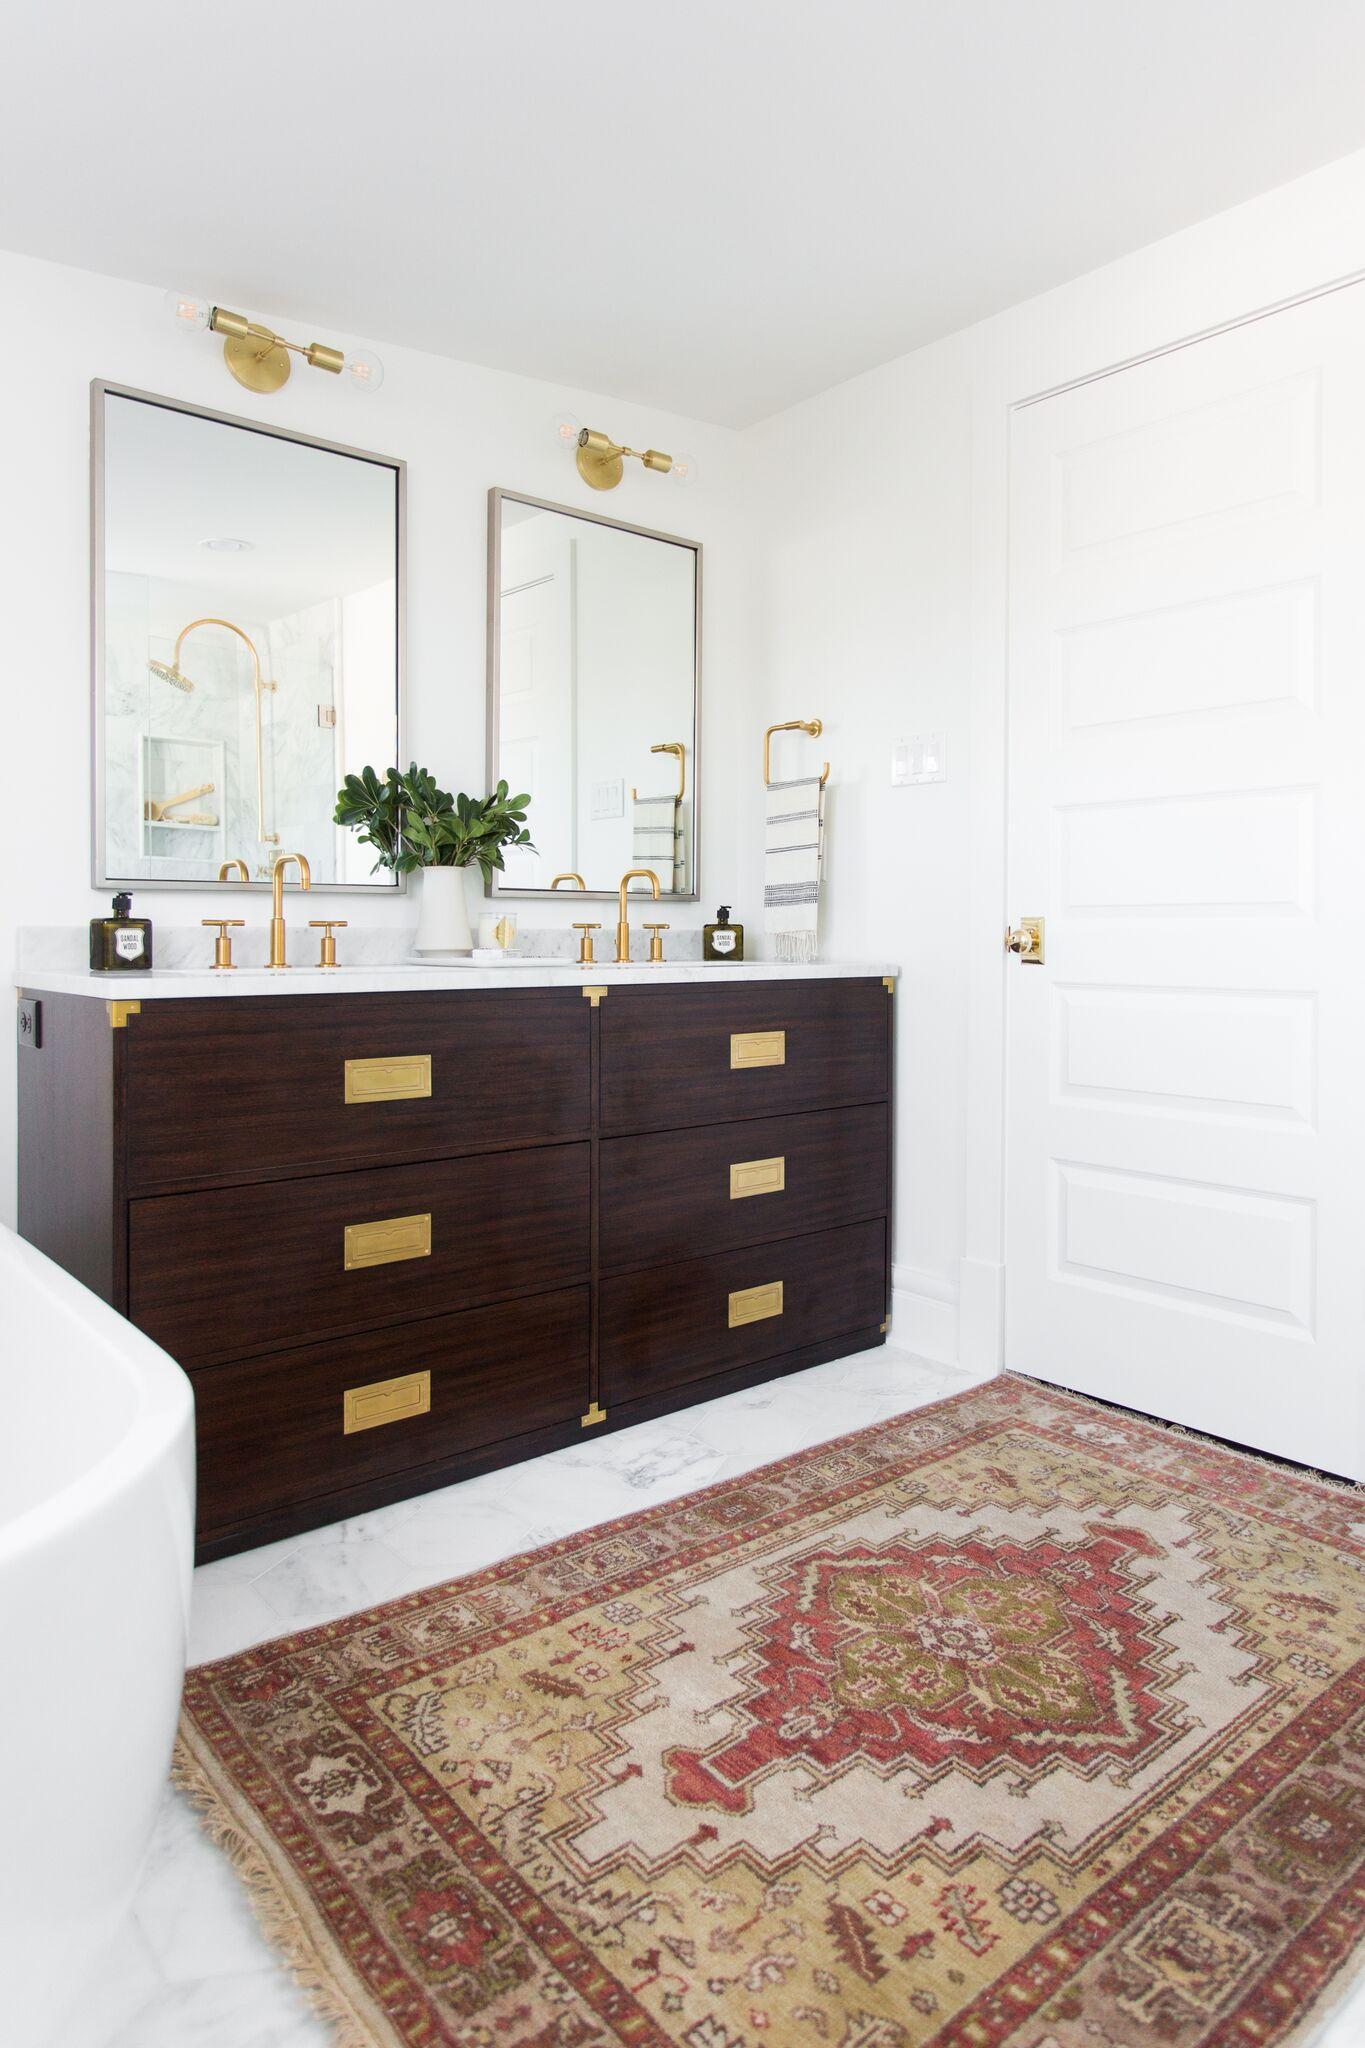 Klassieke badkamer renovatie met moderne voorzieningen interieur inrichting - Moderne badkraan ...